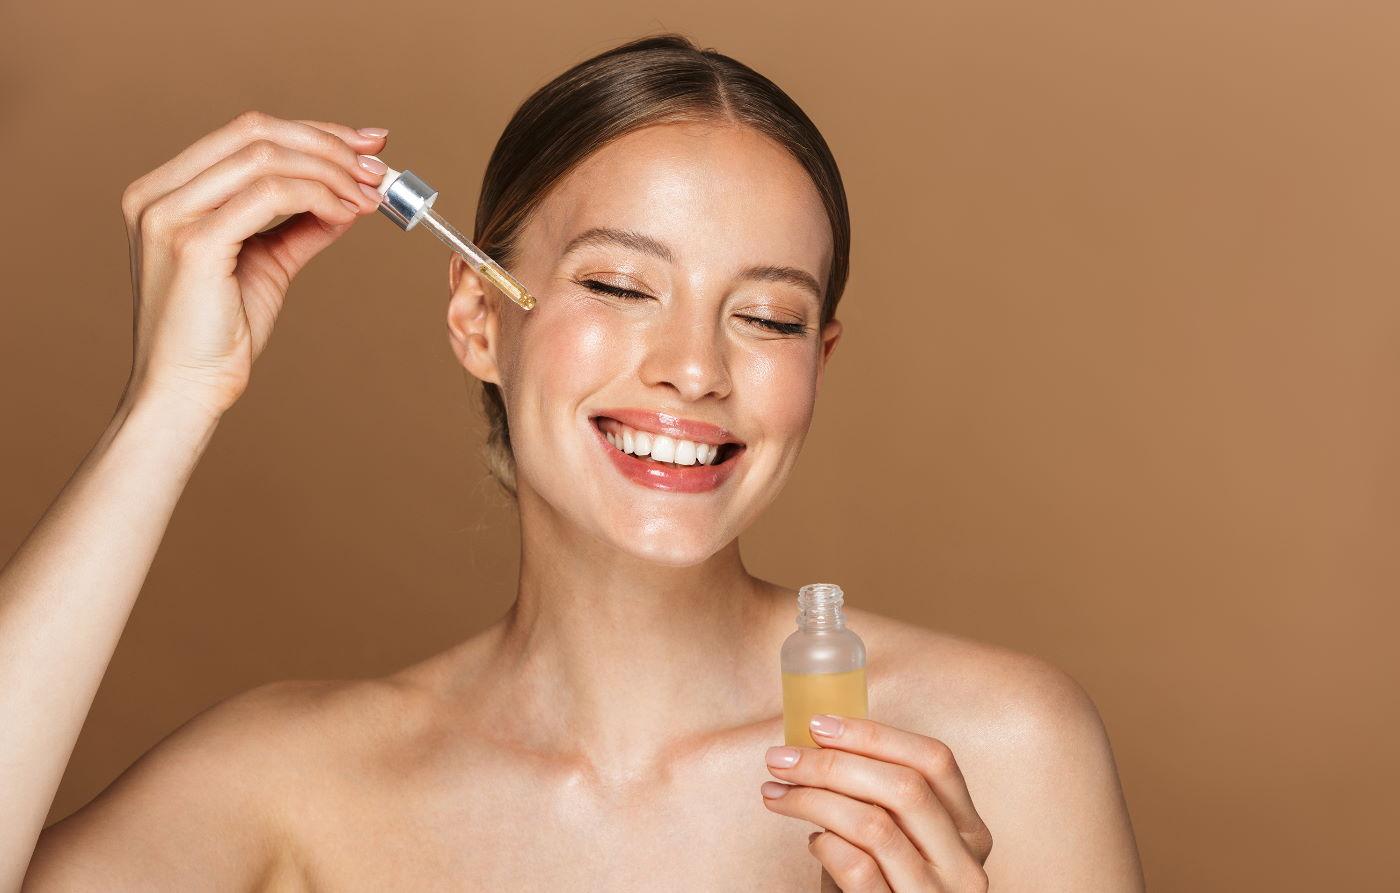 olie rensemetoden - kvinde med olie ansigt